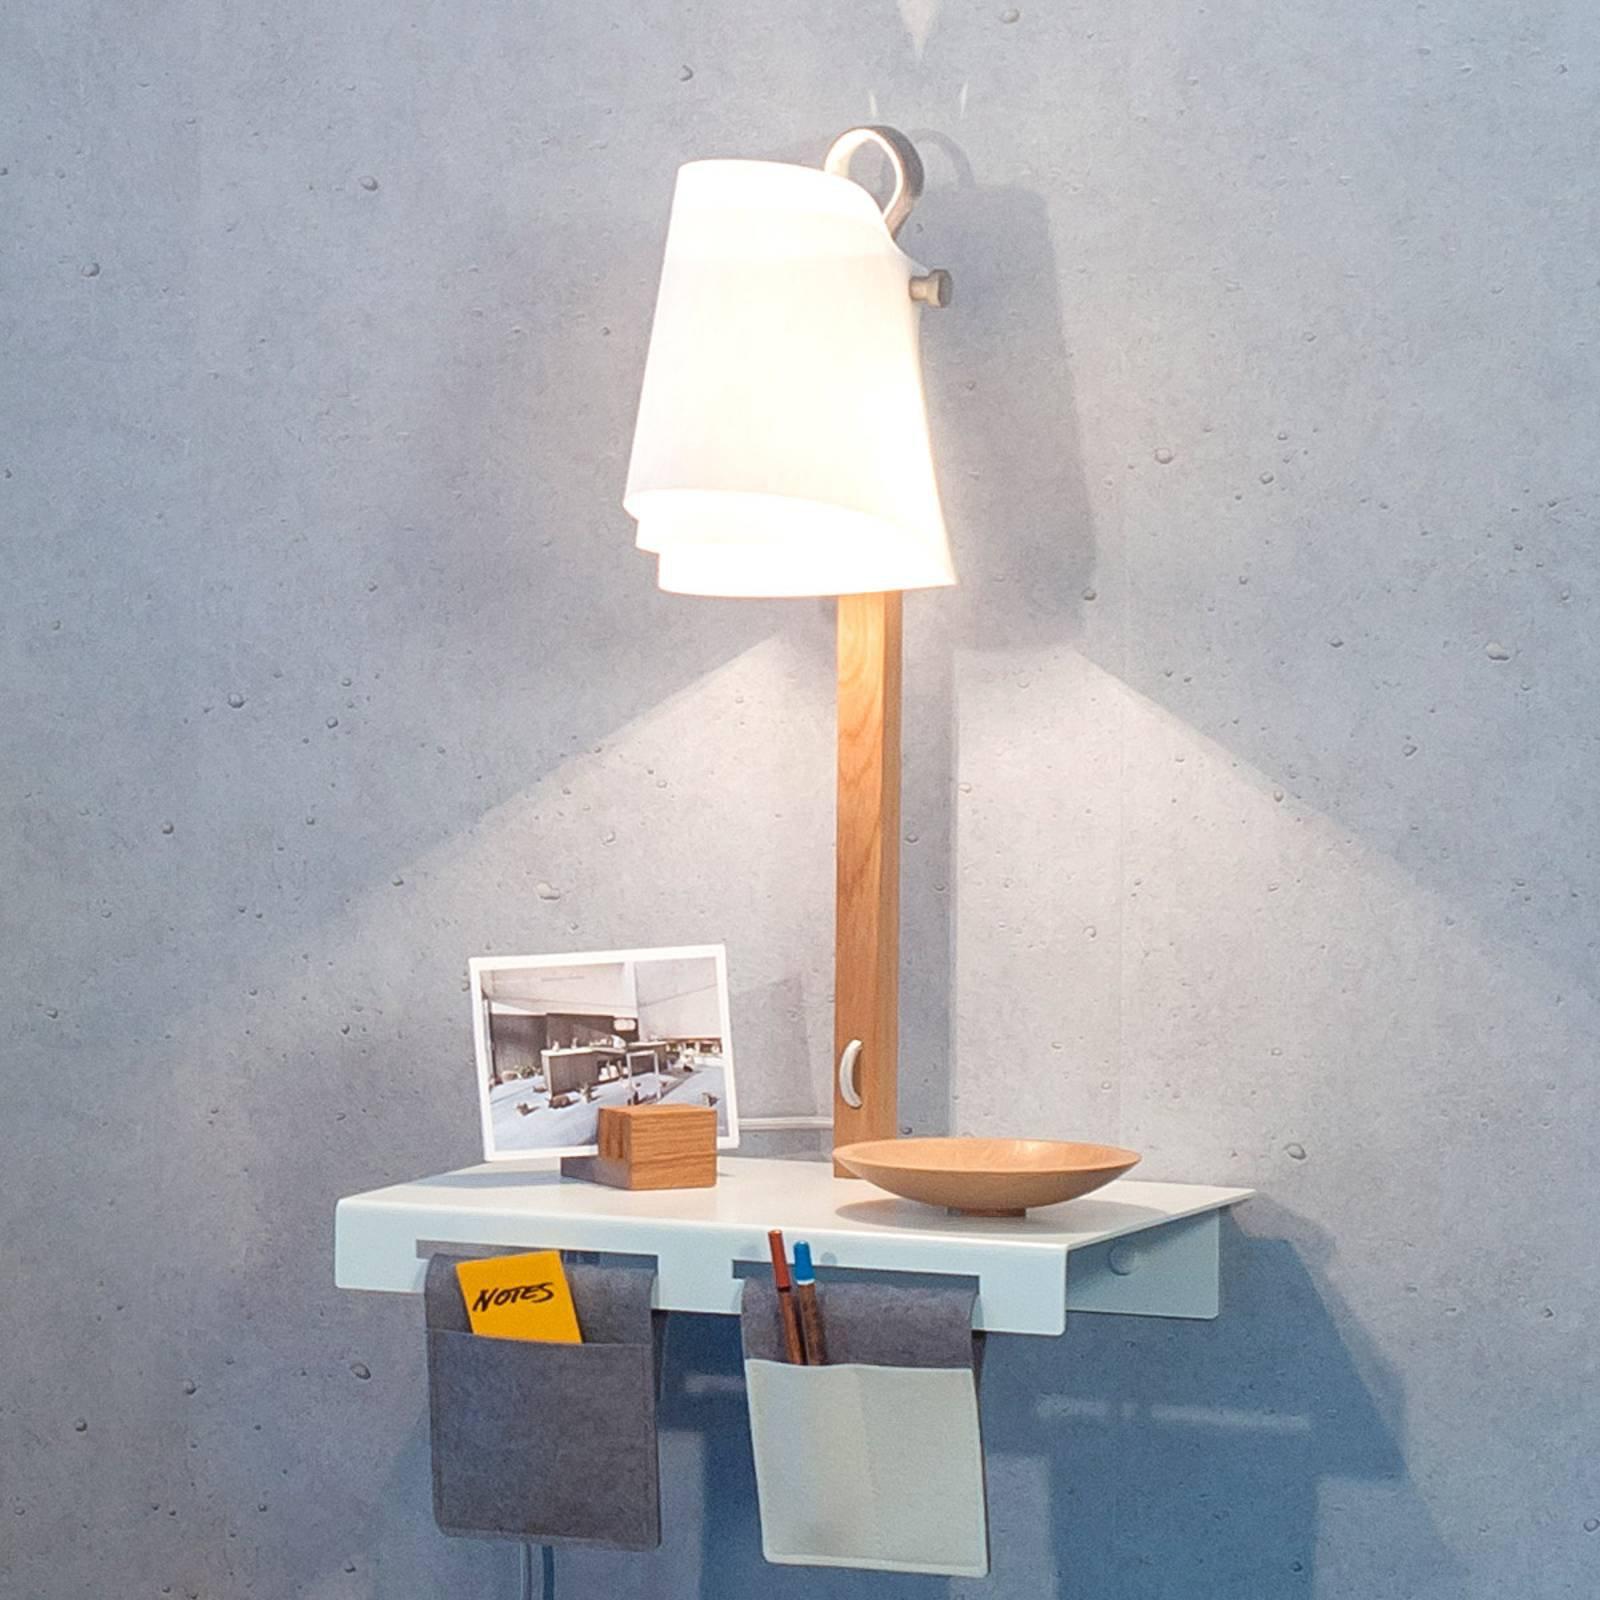 Vegglampe Fläks med oppbevaringsst.